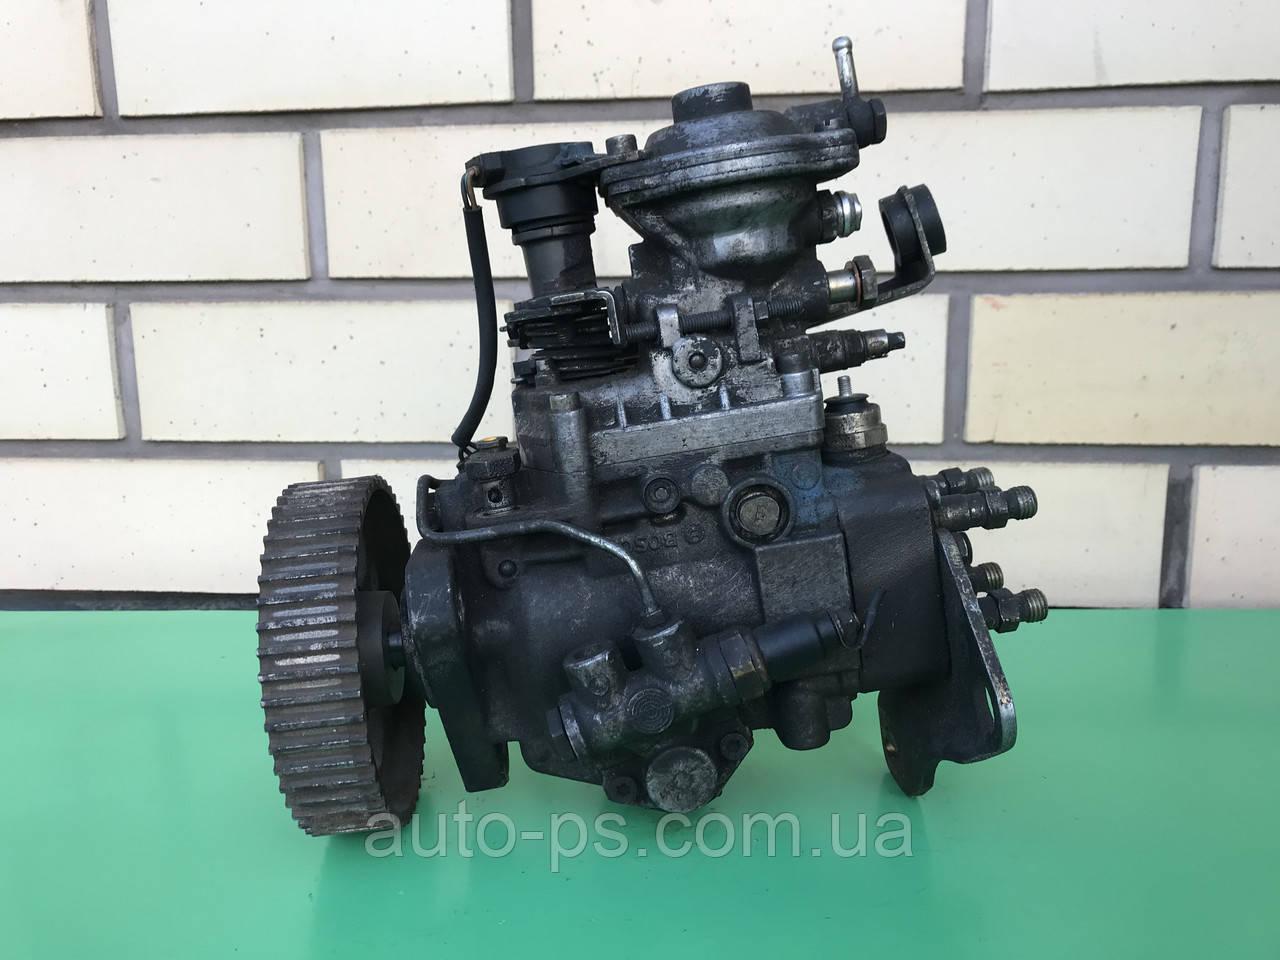 Топливный насос высокого давления (ТНВД) Fiat Albea 1.7TD 2006-2009 год.